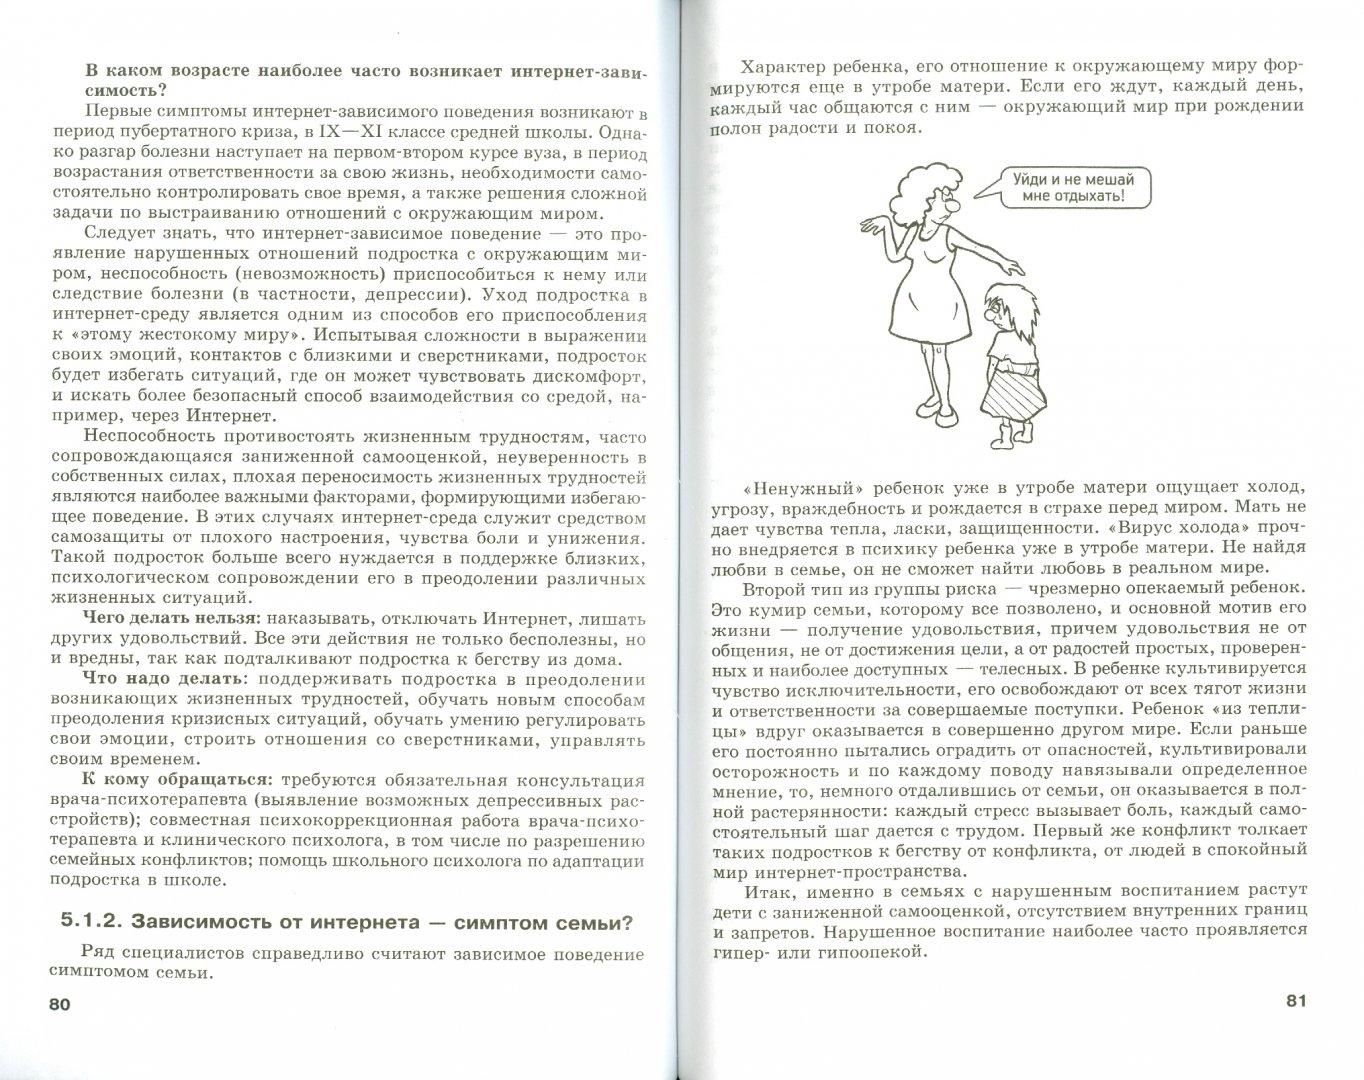 Иллюстрация 1 из 21 для Интернет-зависимое поведение у подростков. Клиника, диагностика, профилактика - Малыгин, Смирнова, Искандирова, Хомерики | Лабиринт - книги. Источник: Лабиринт